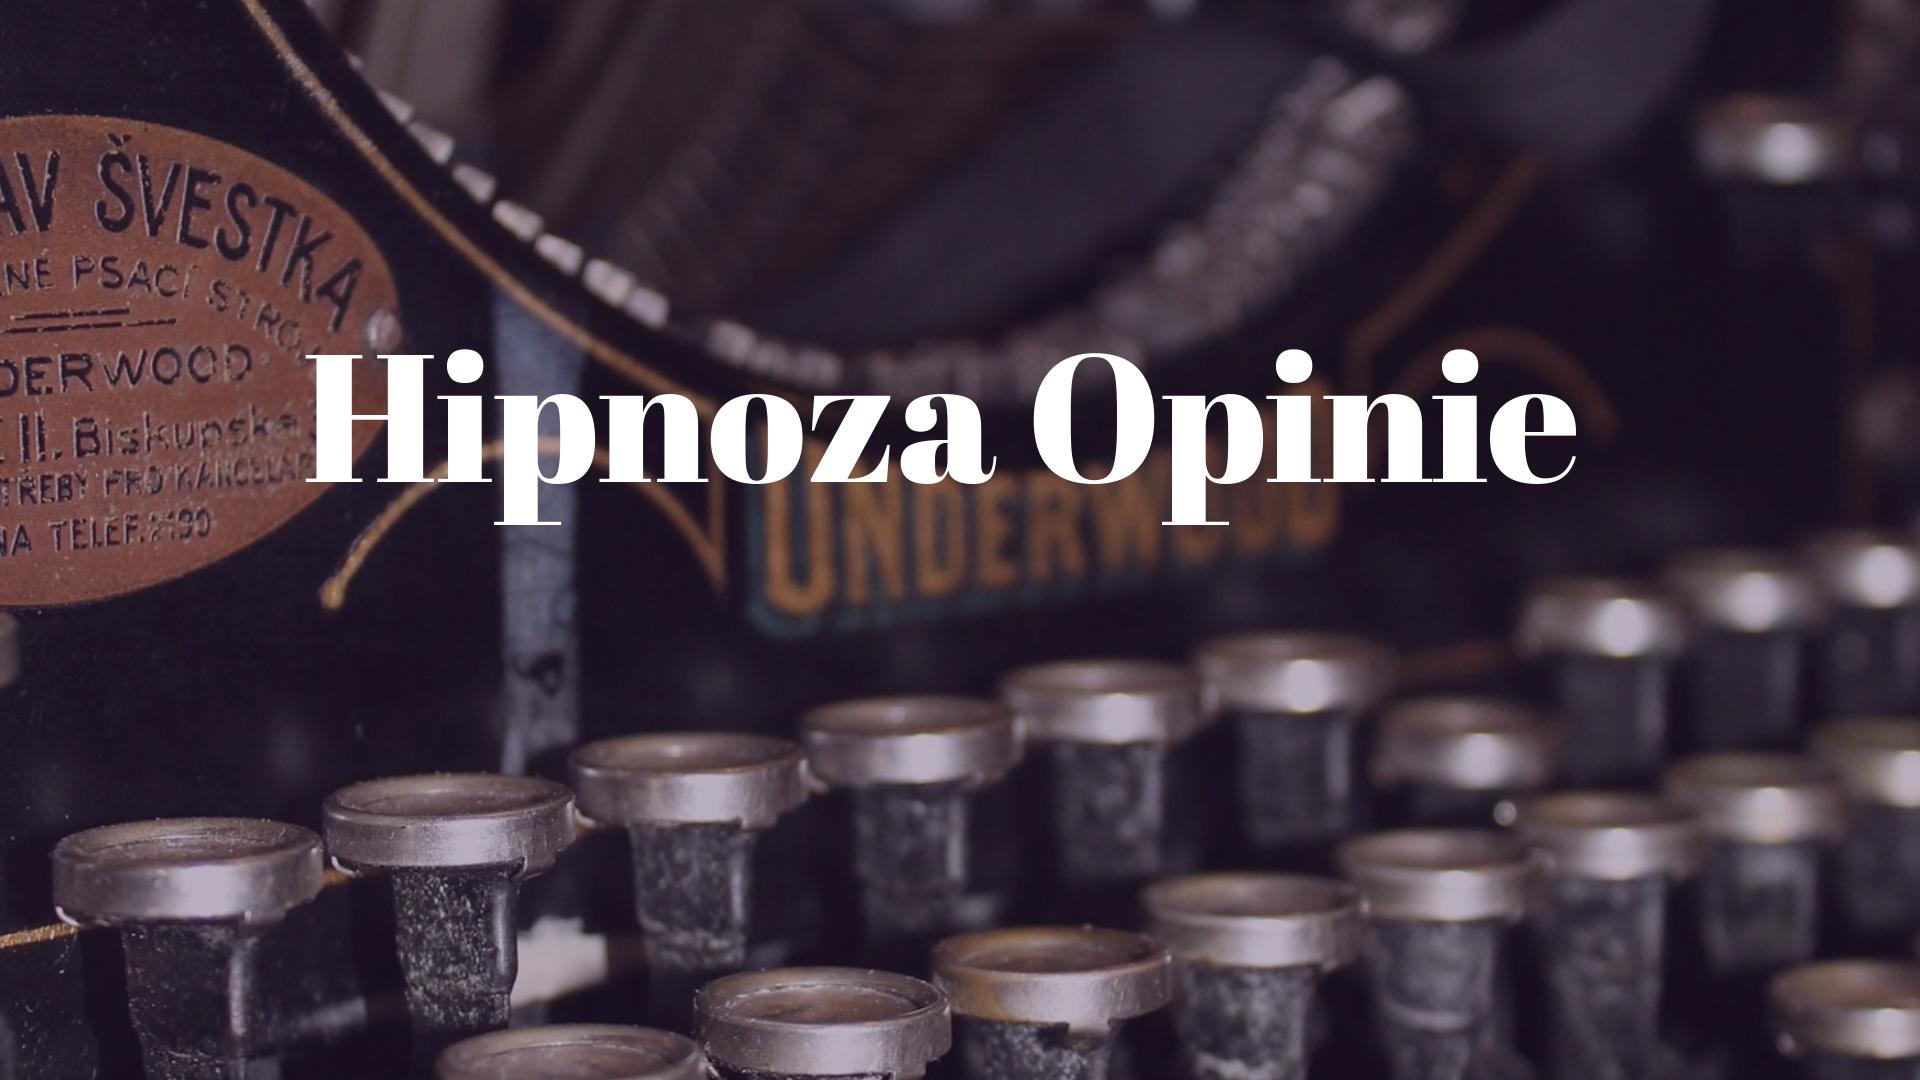 hipnoza- opinie